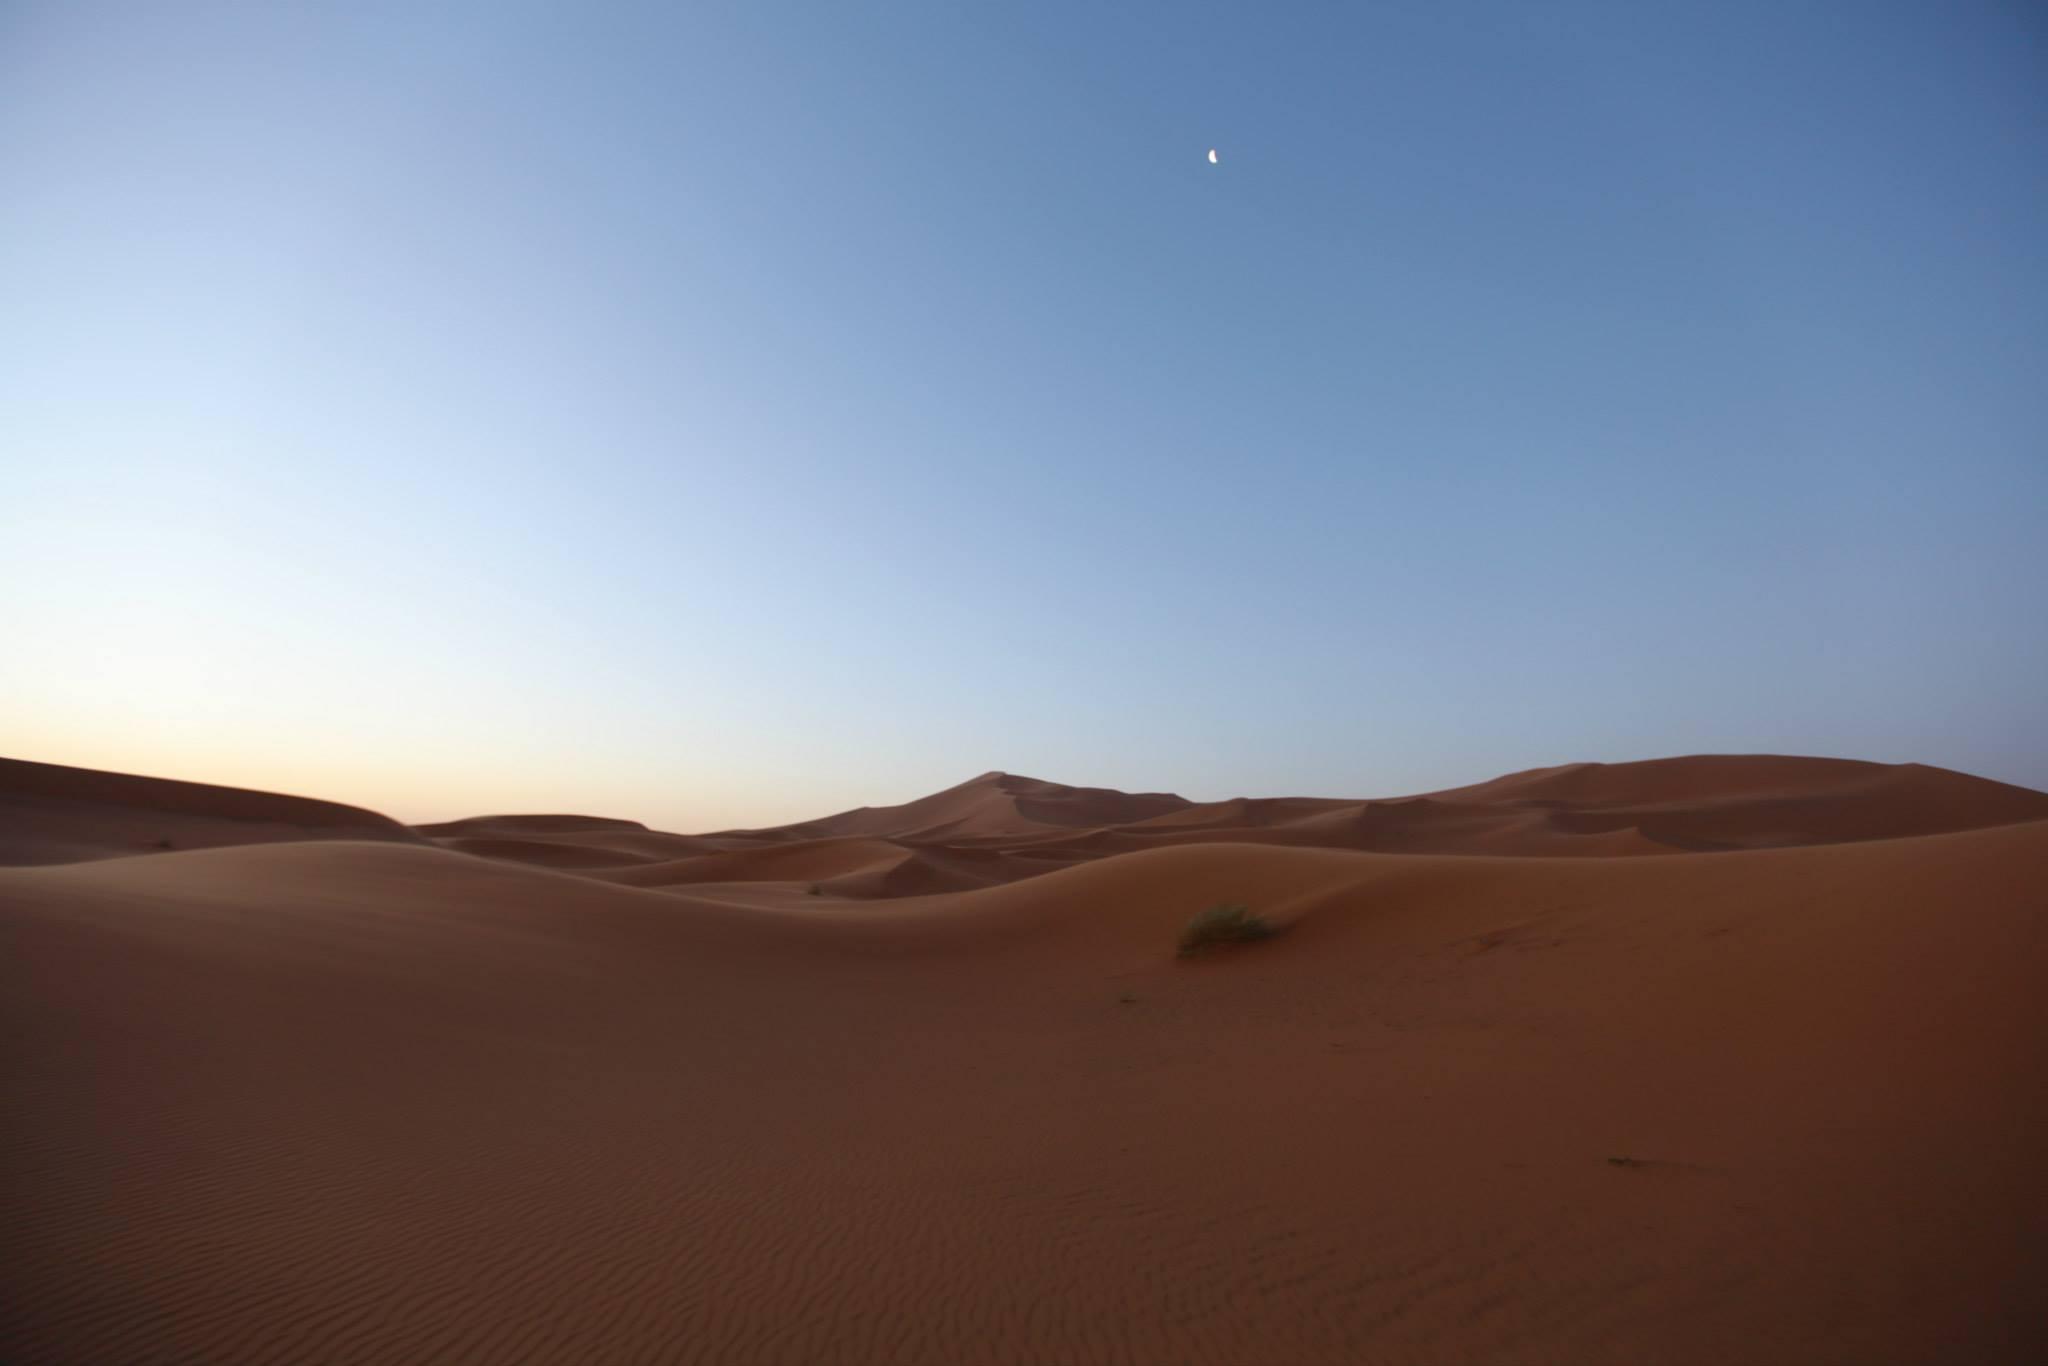 Maroc roadtrip désert